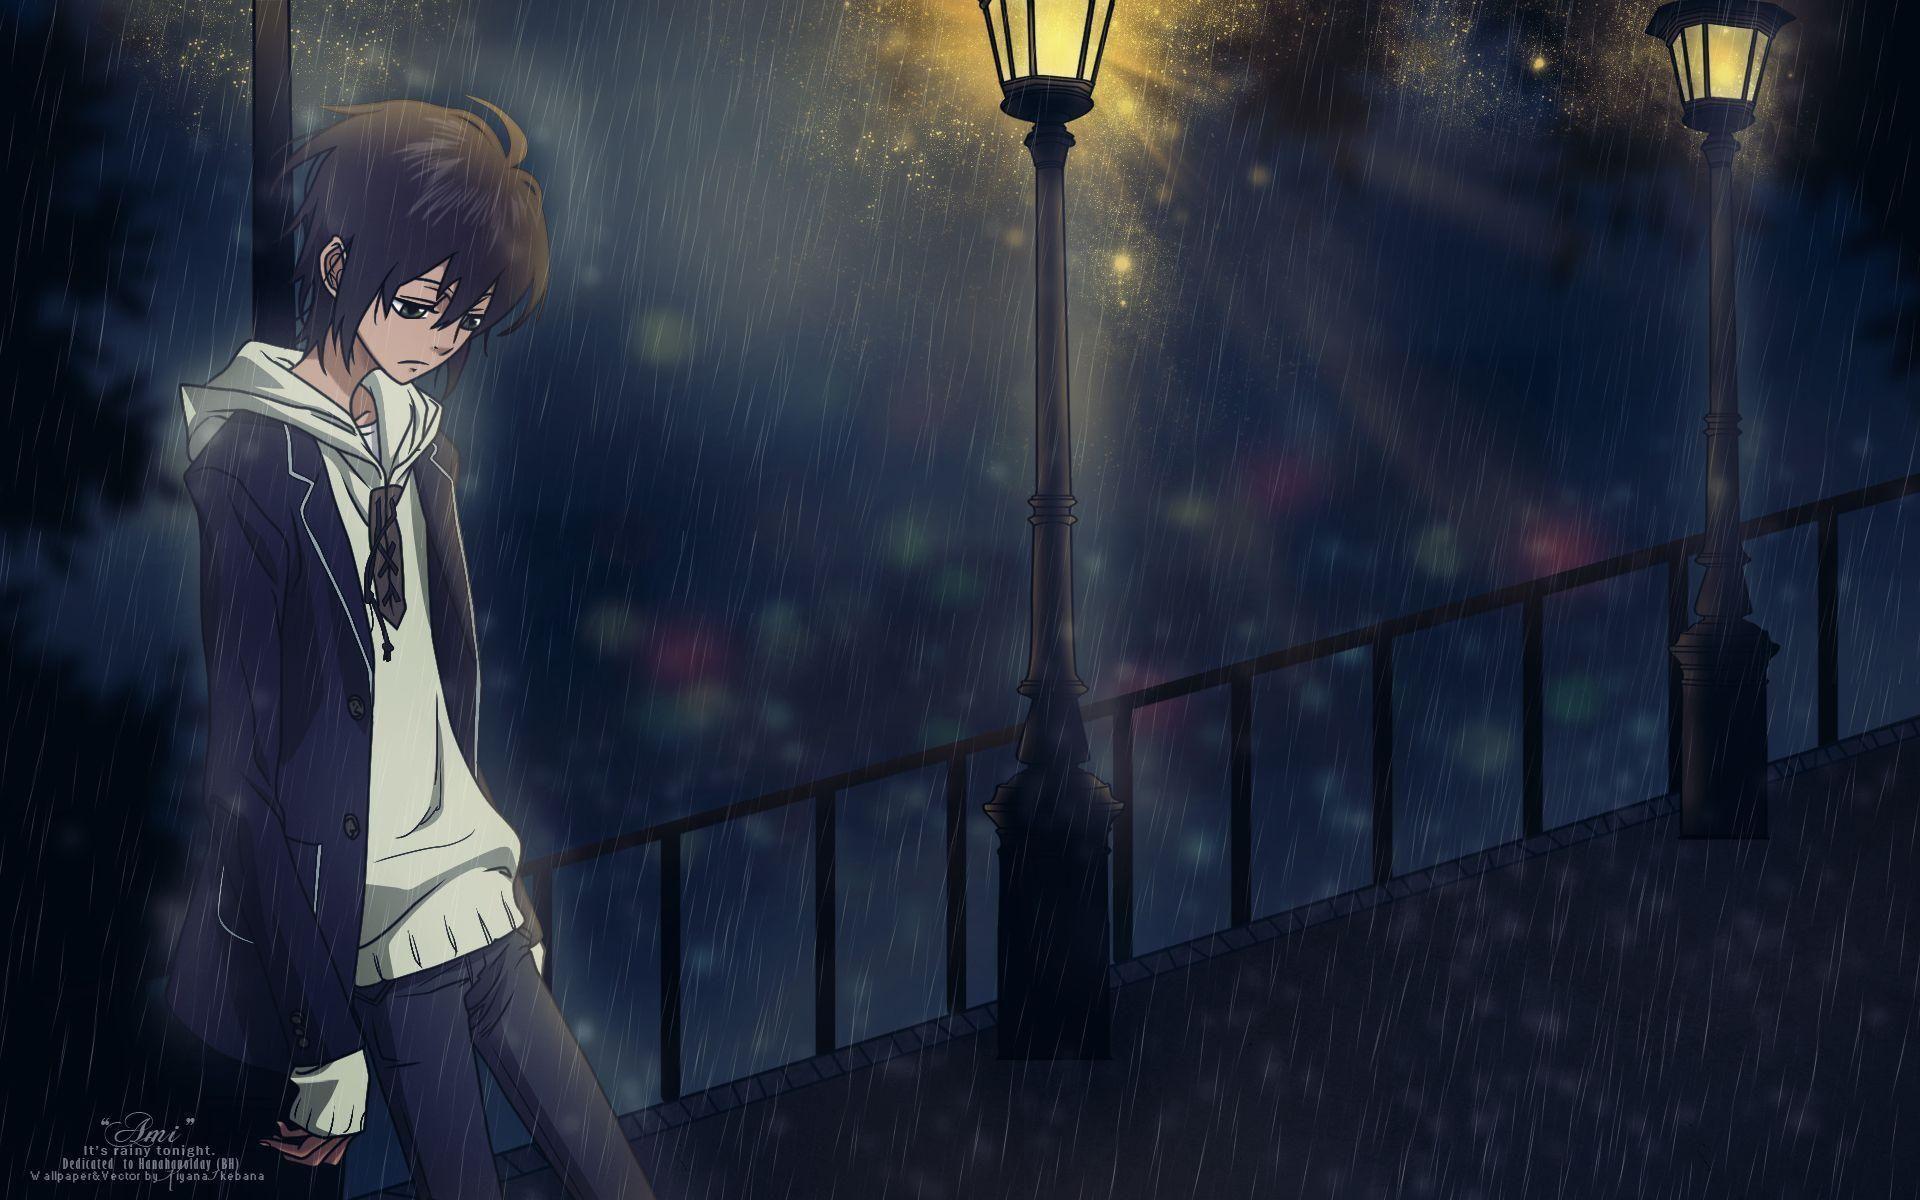 Hình nền điện thoại cậu thiếu niên cô đơn đứng dưới ánh đèn đường